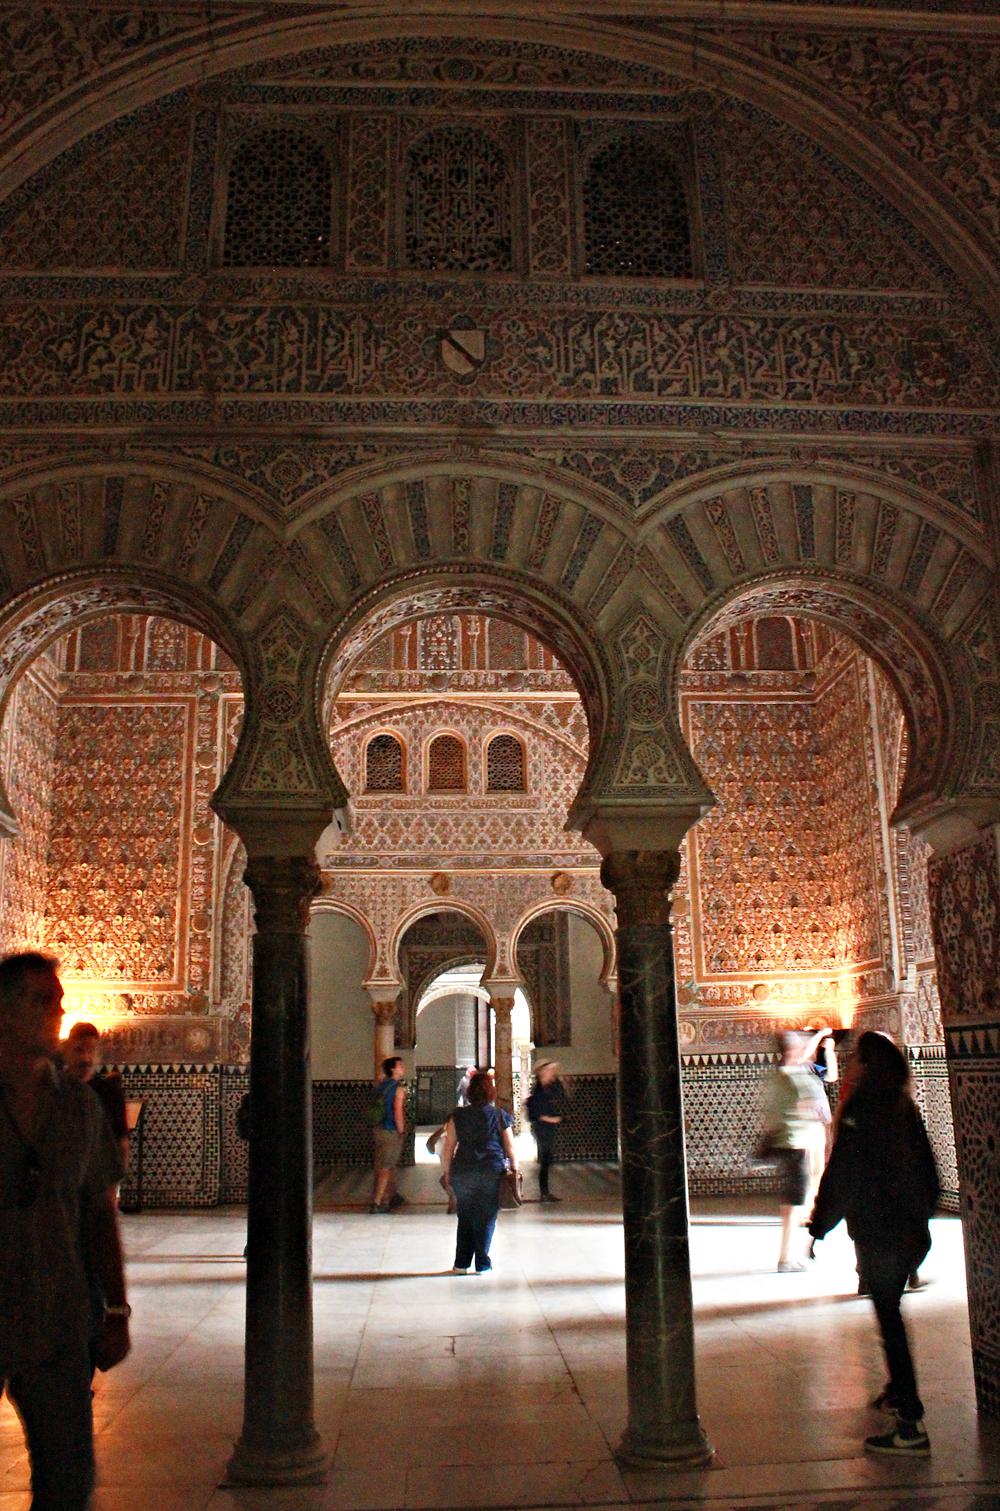 Alcázar Palace of Seville - Οδηγός πόλης για την Σεβίλλη  (6).jpg